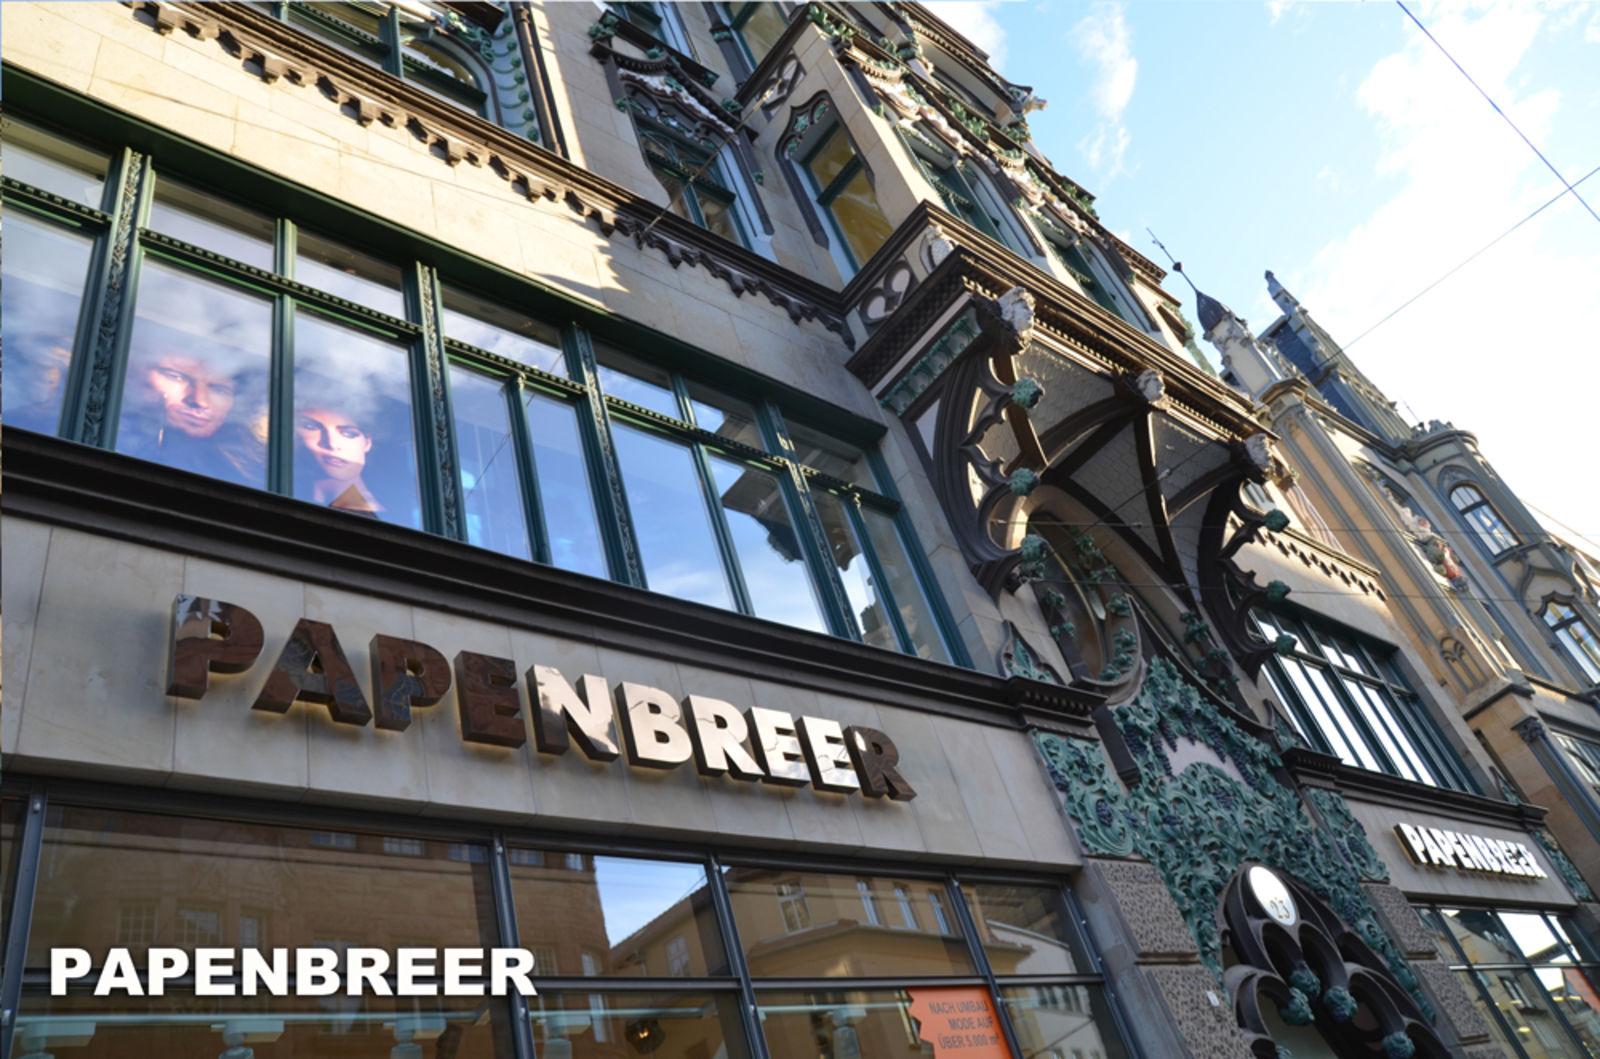 Papenbreer in Erfurt (Image 1)